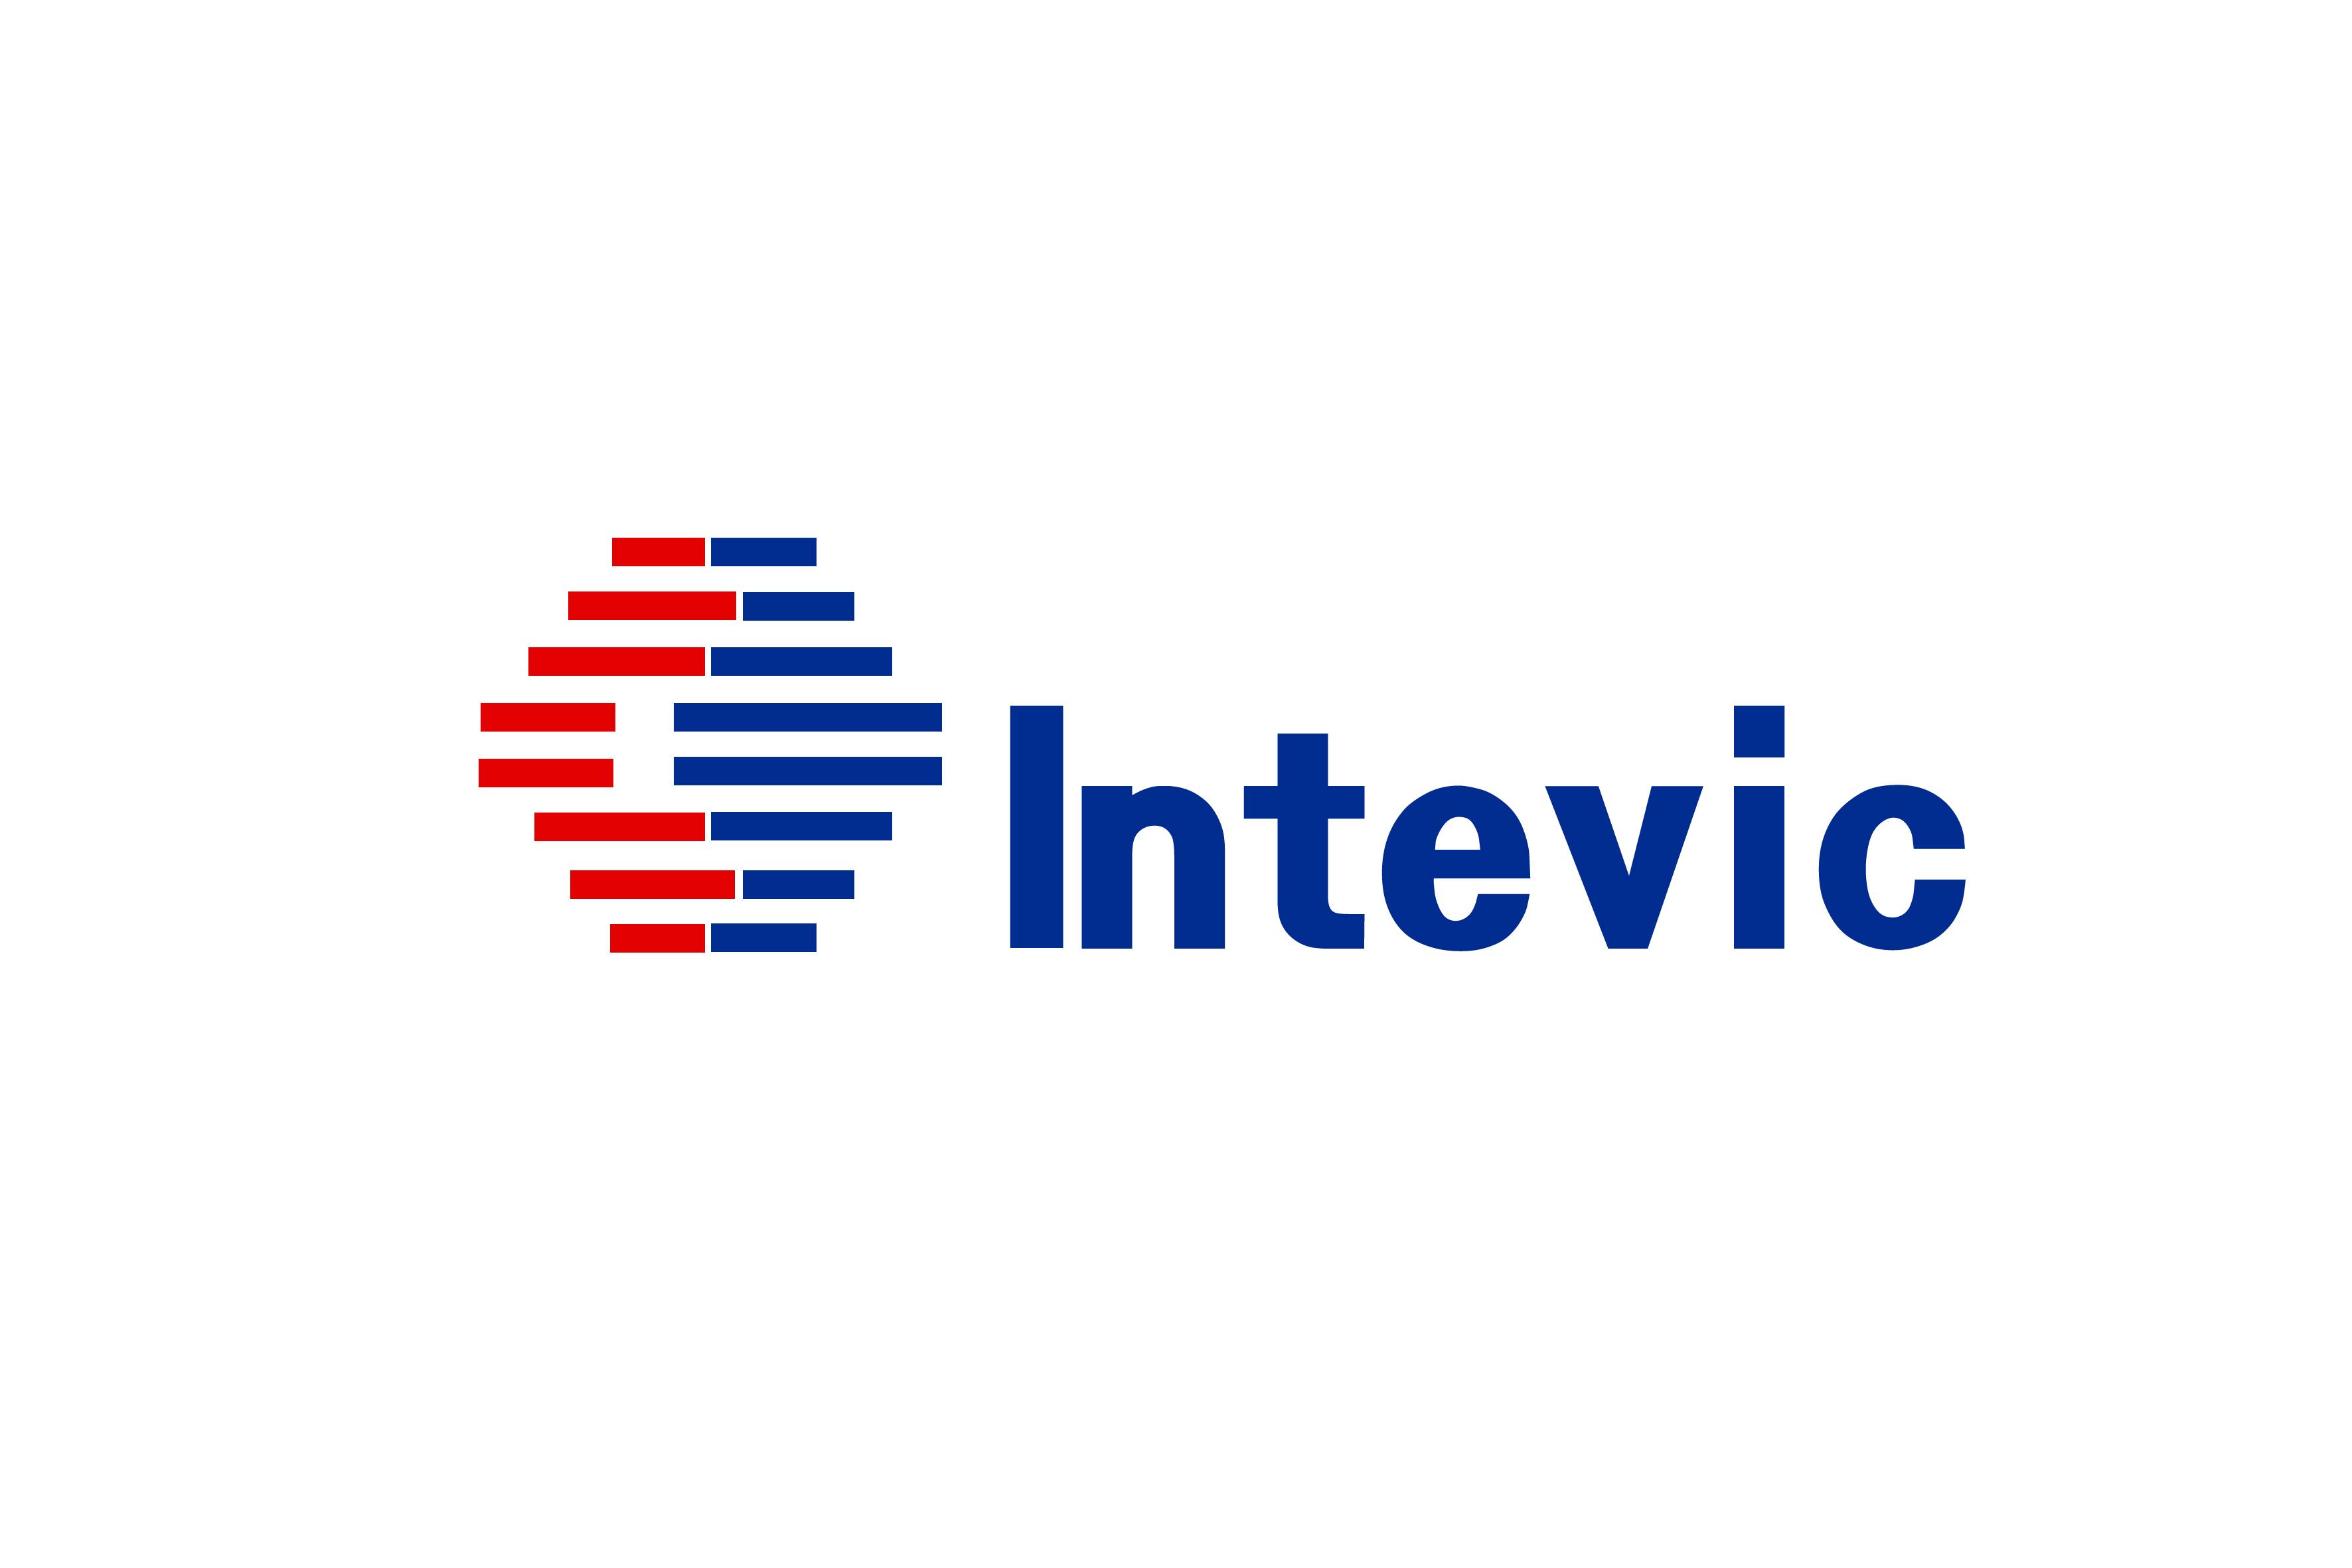 logo logo 标志 设计 矢量 矢量图 素材 图标 3543_2362